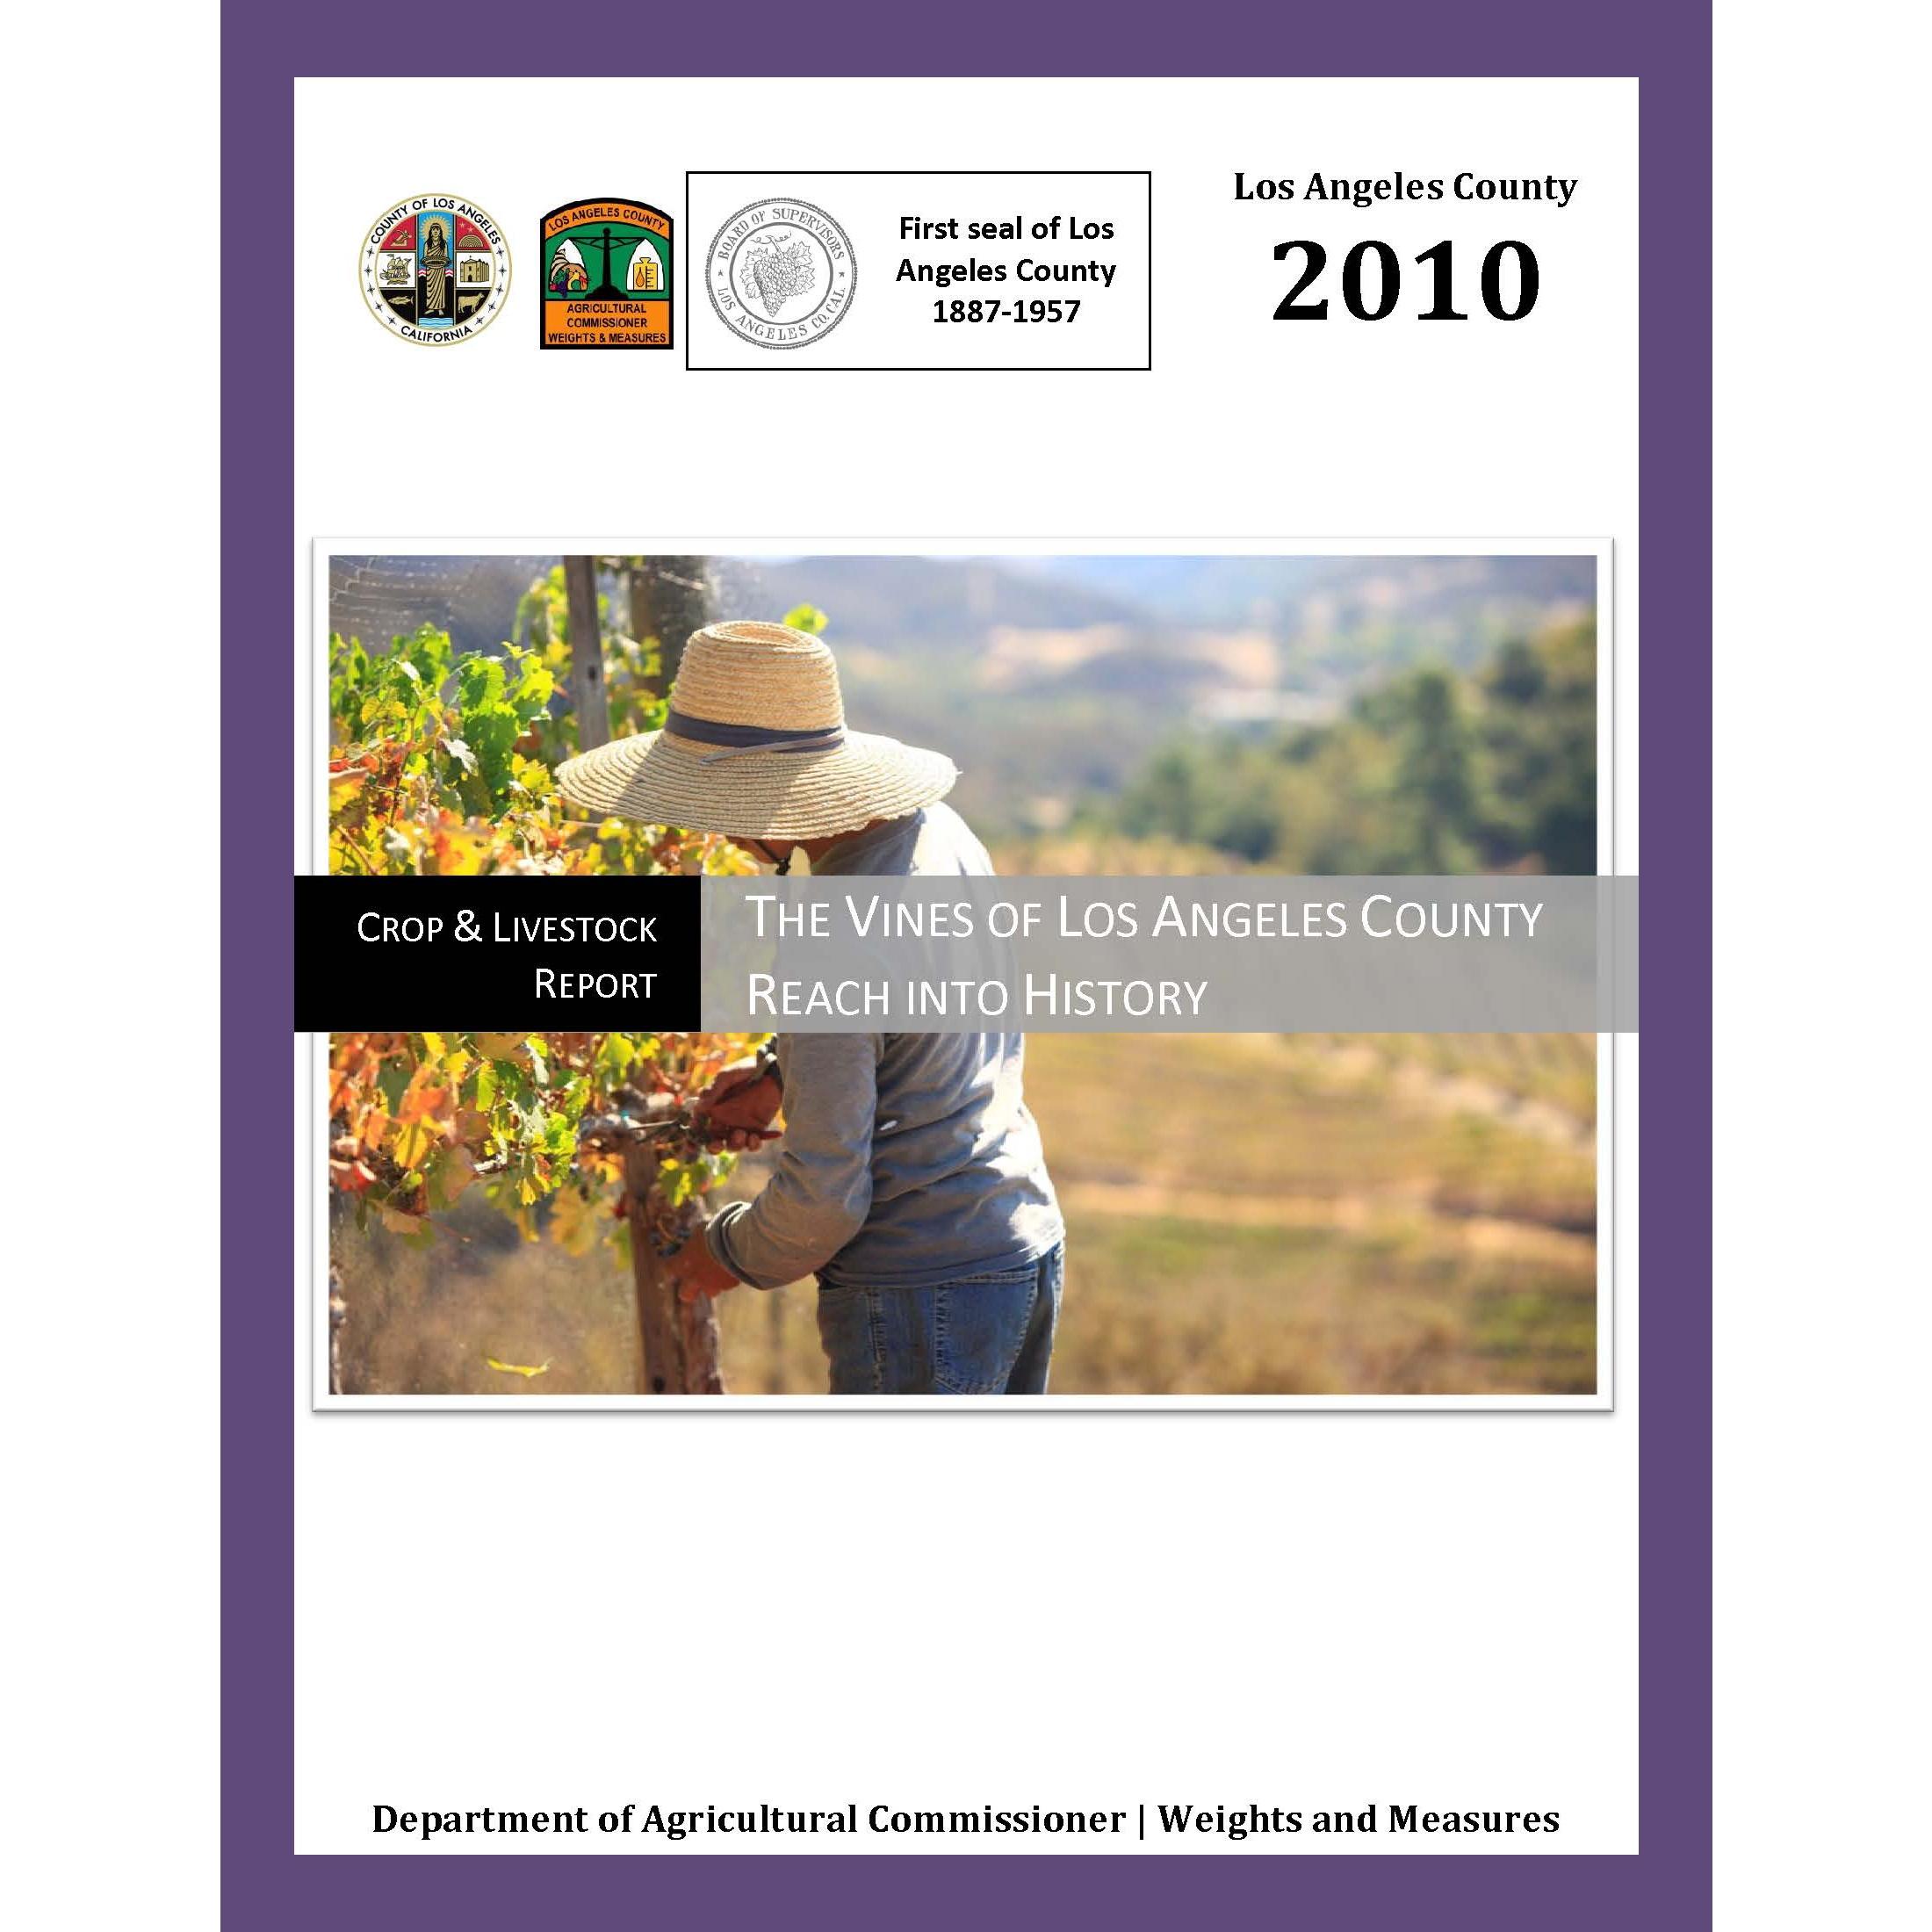 2010 Crop Report